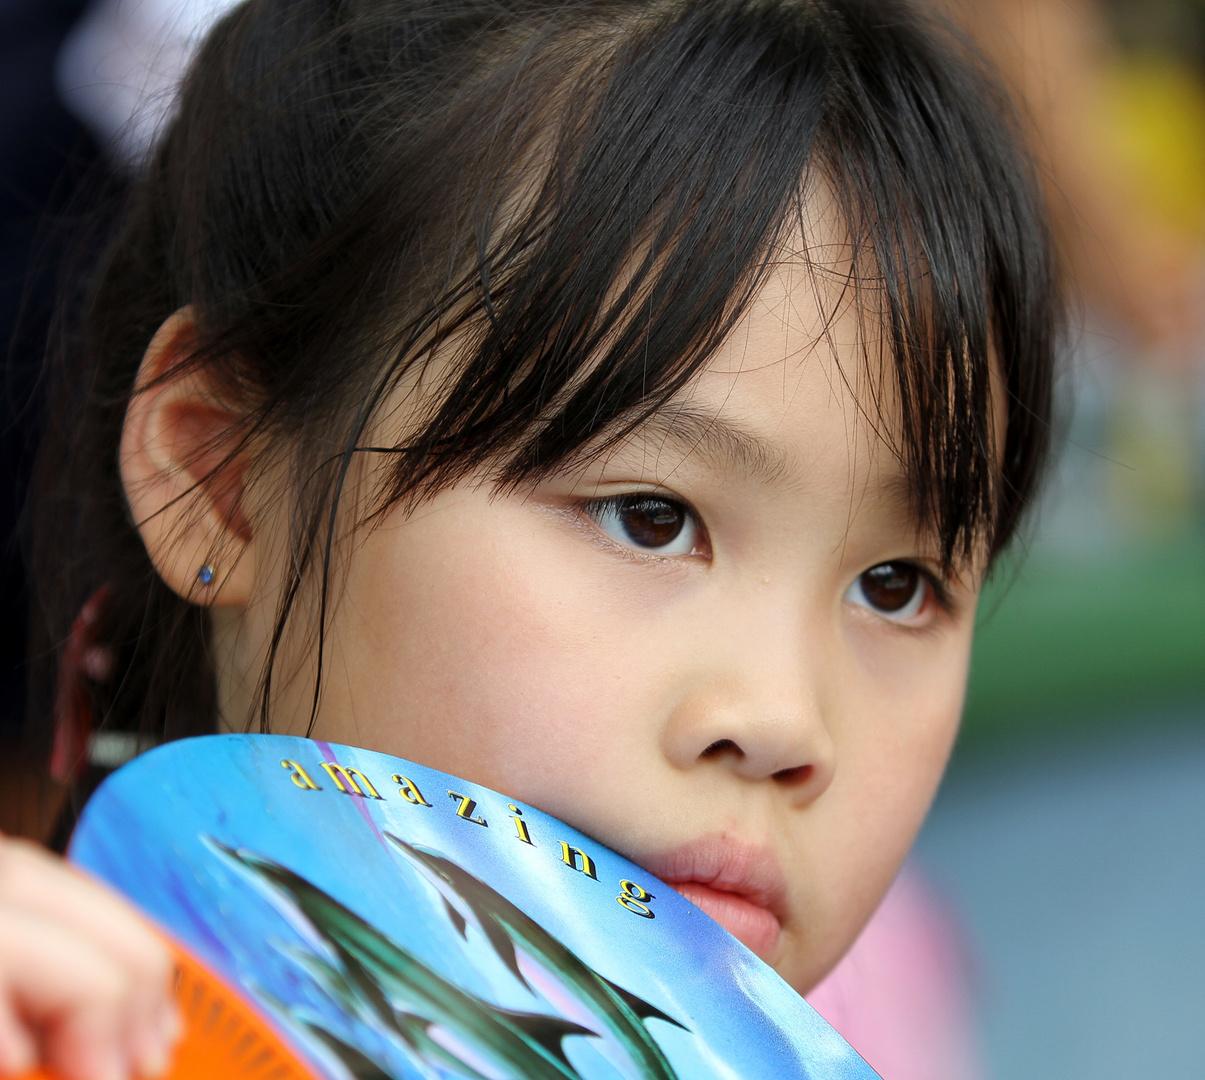 Child watching Dolfin show